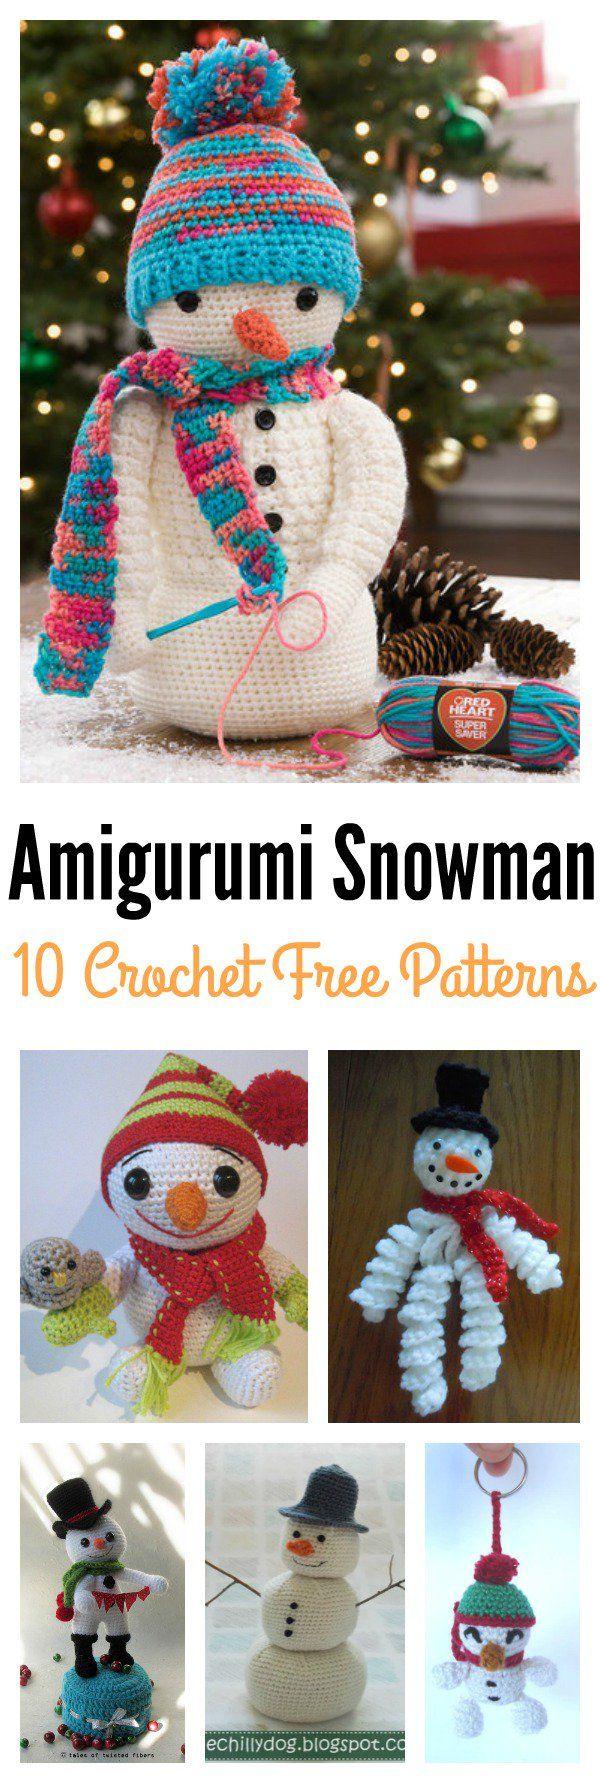 10 Crochet Amigurumi Snowman Free Patterns   Amigurumi, Free pattern ...